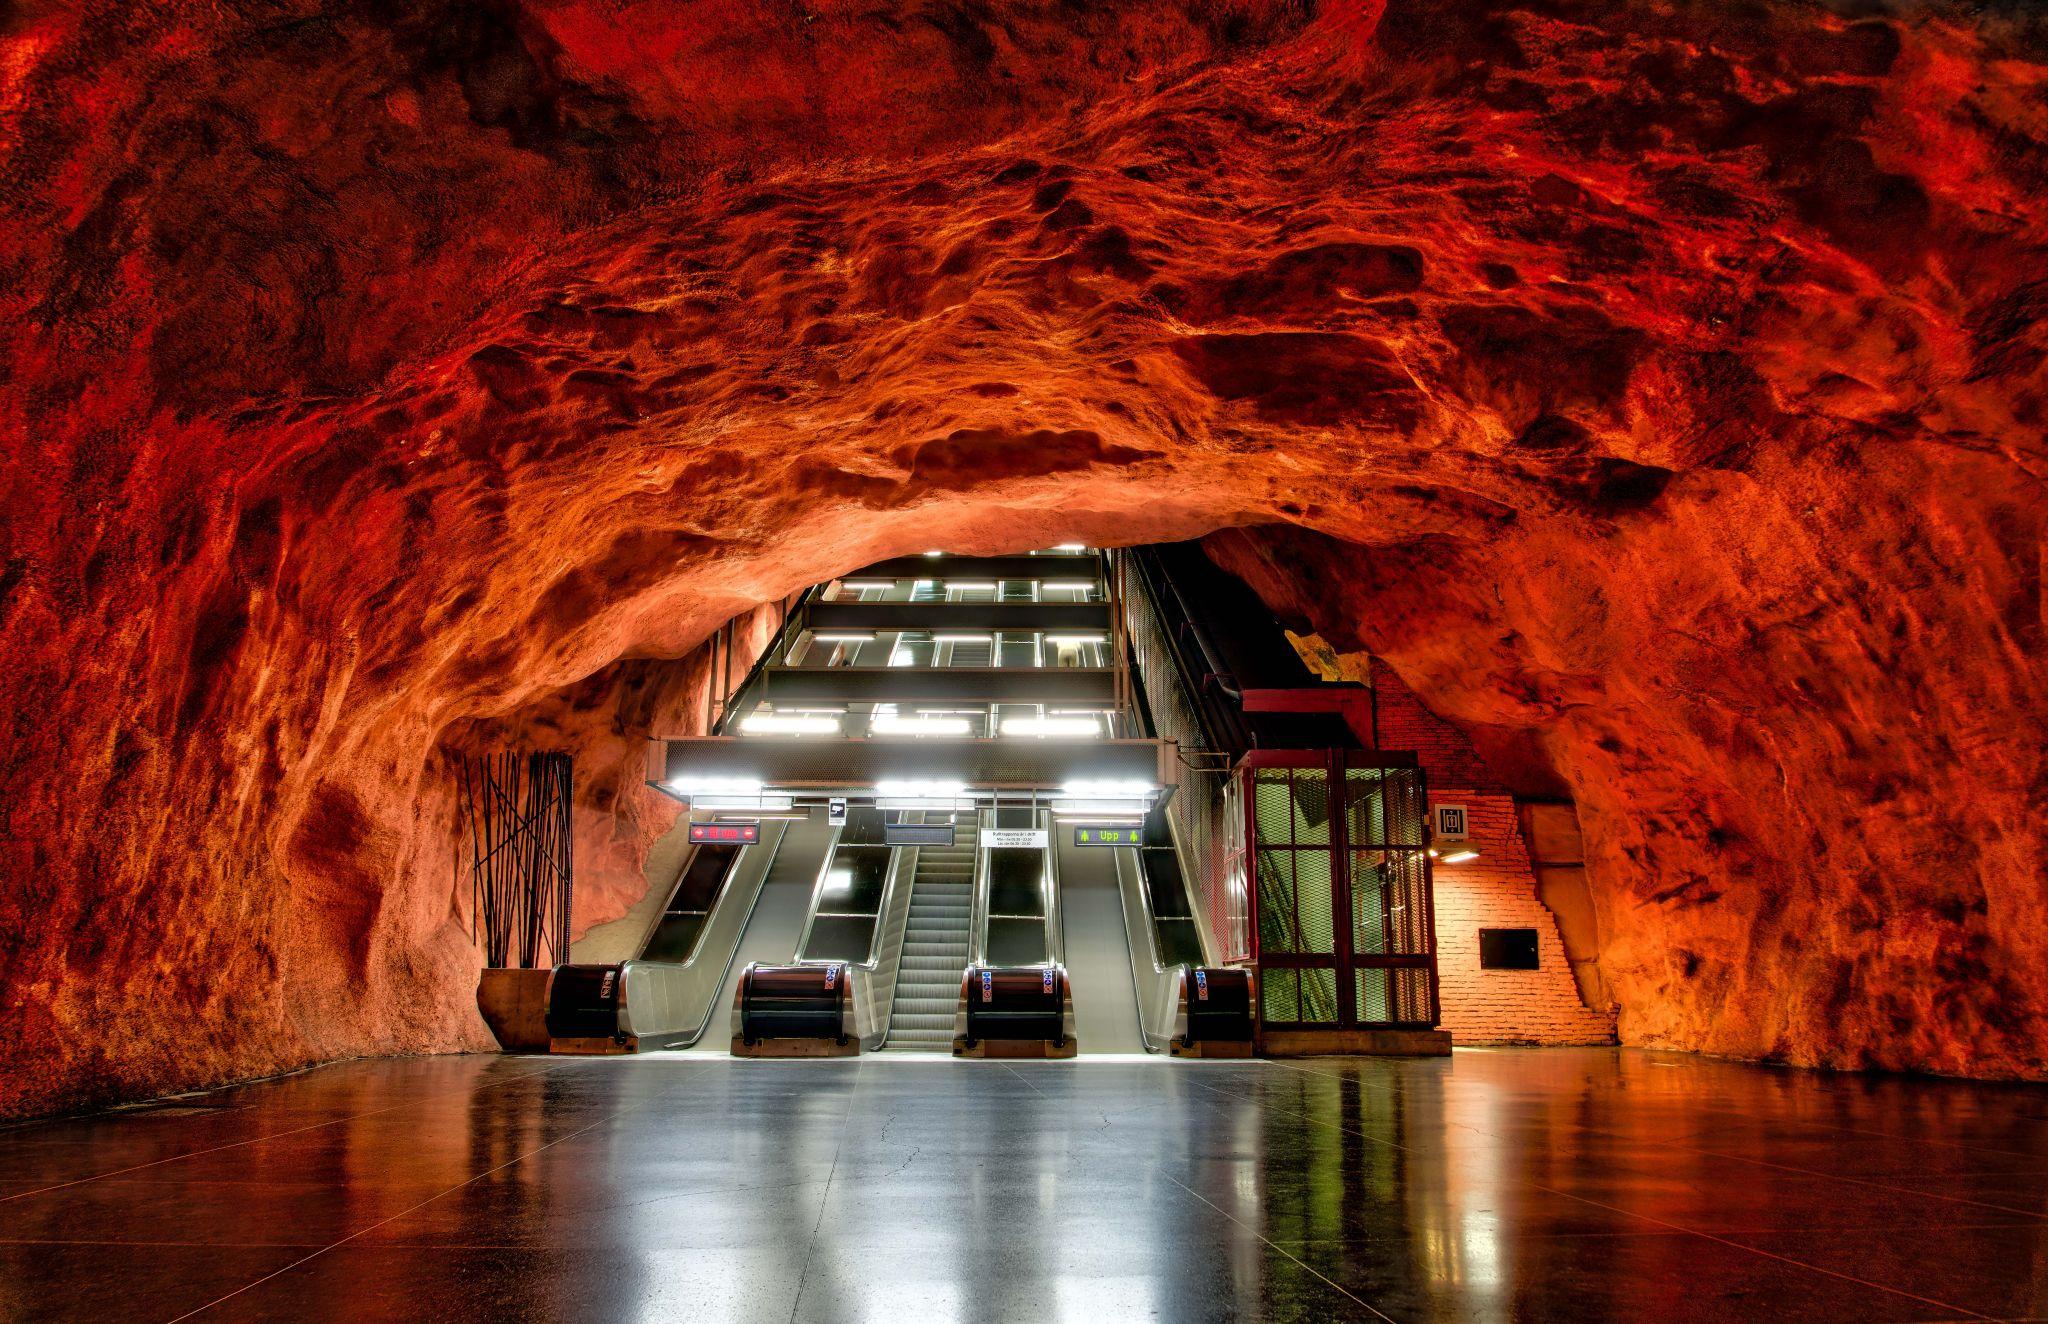 Radhuset T-Bana Subway Station in Stockholm, Sweden